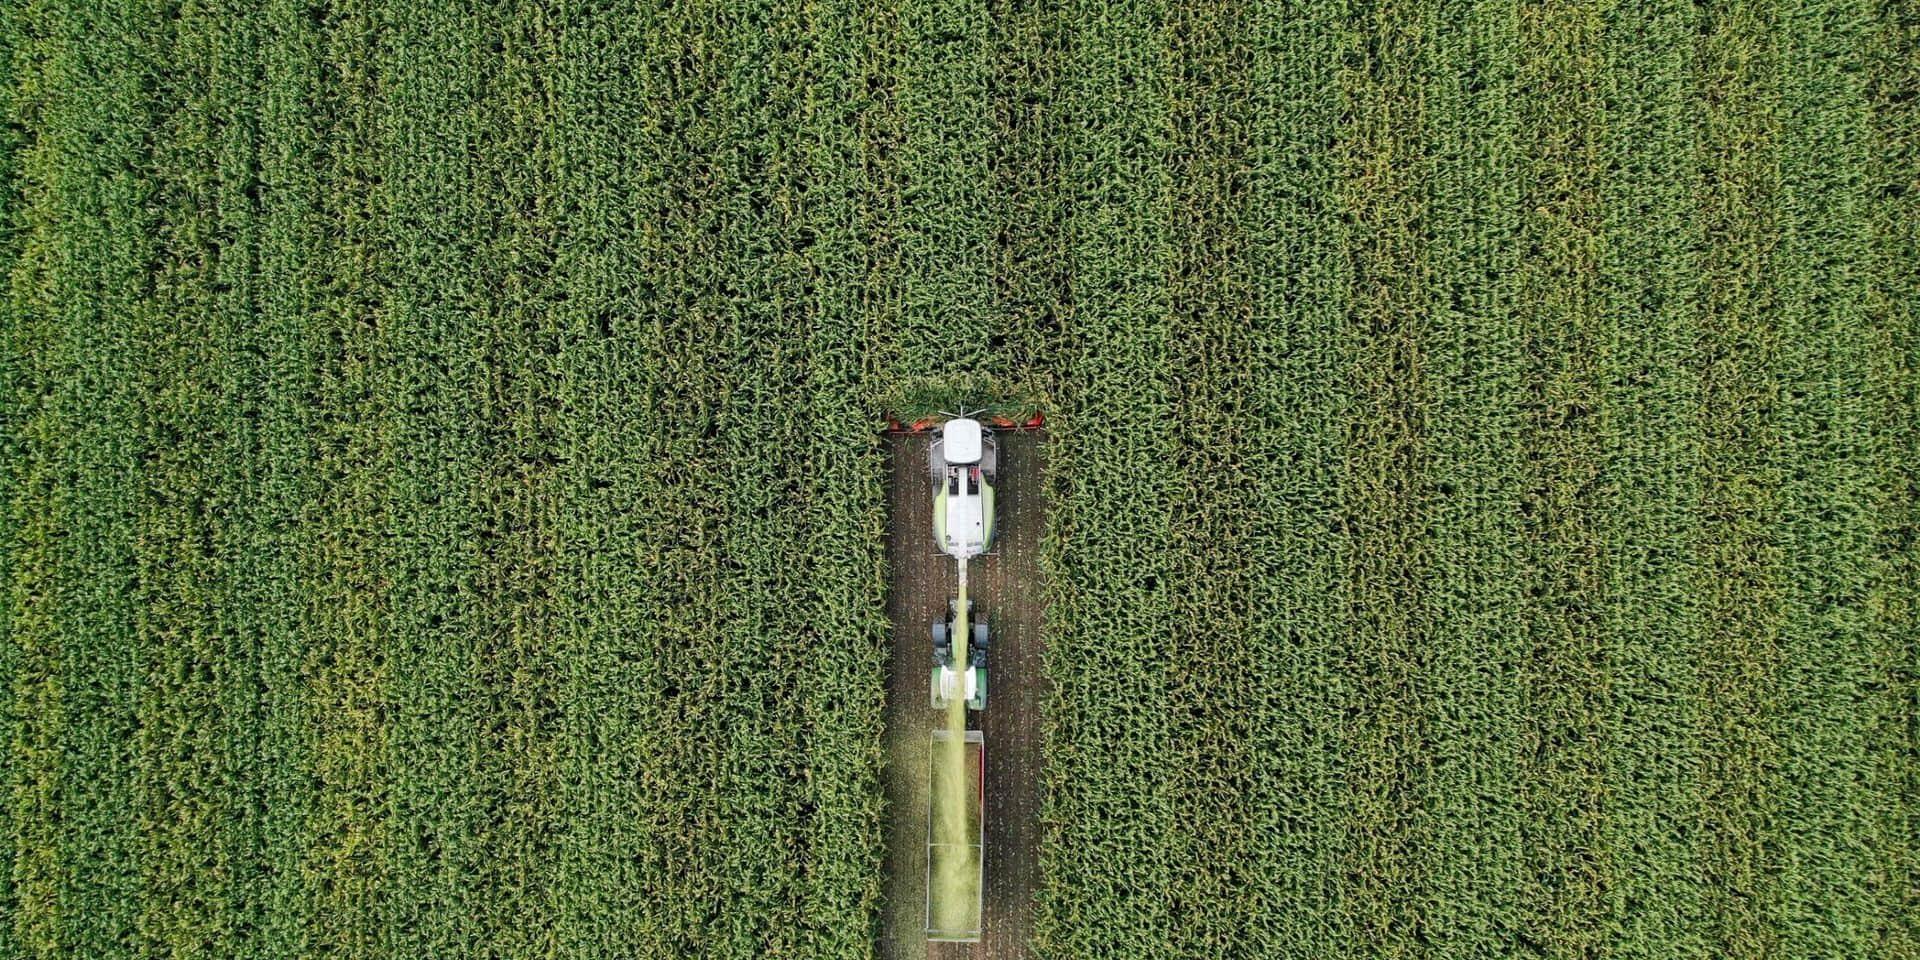 Un appel à sauvegarder les terres agricoles